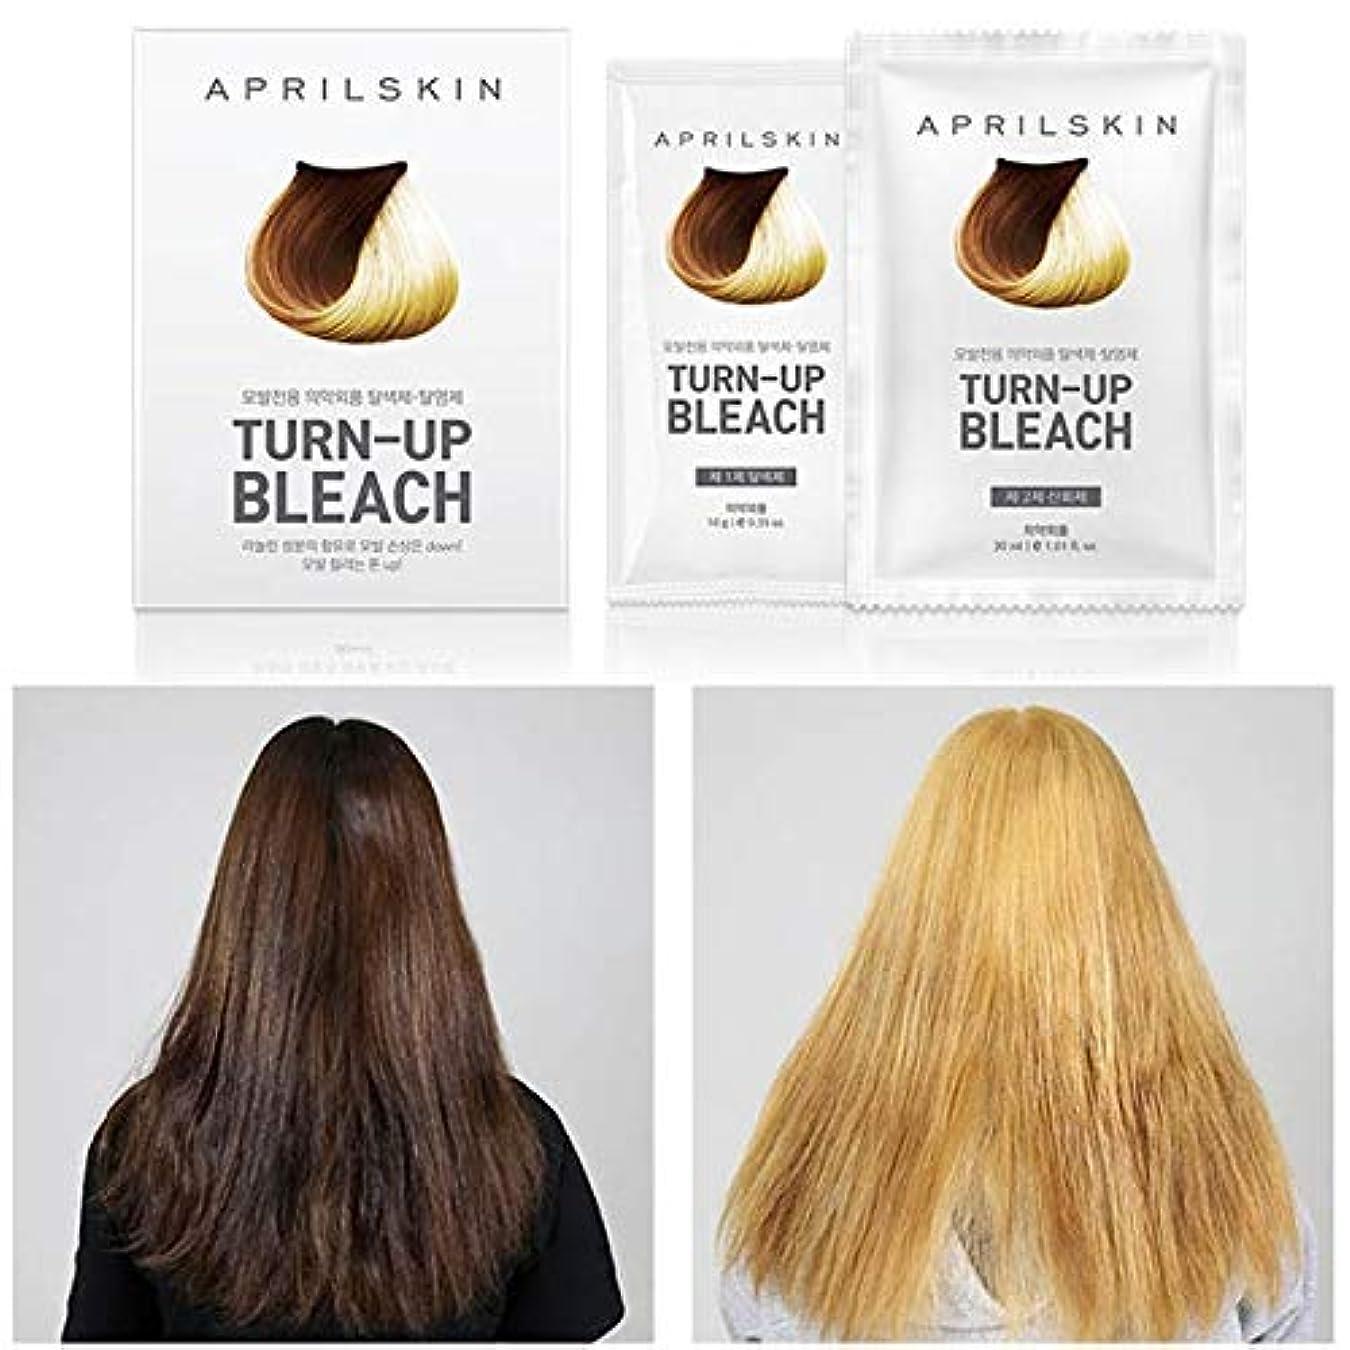 ペルメル乳剤続編エープリル?スキン [韓国コスメ April Skin] 漂白ブリーチ(ヘアブリーチ)Turn Up Bleach (Hair Bleach)/Korea Cosmetics